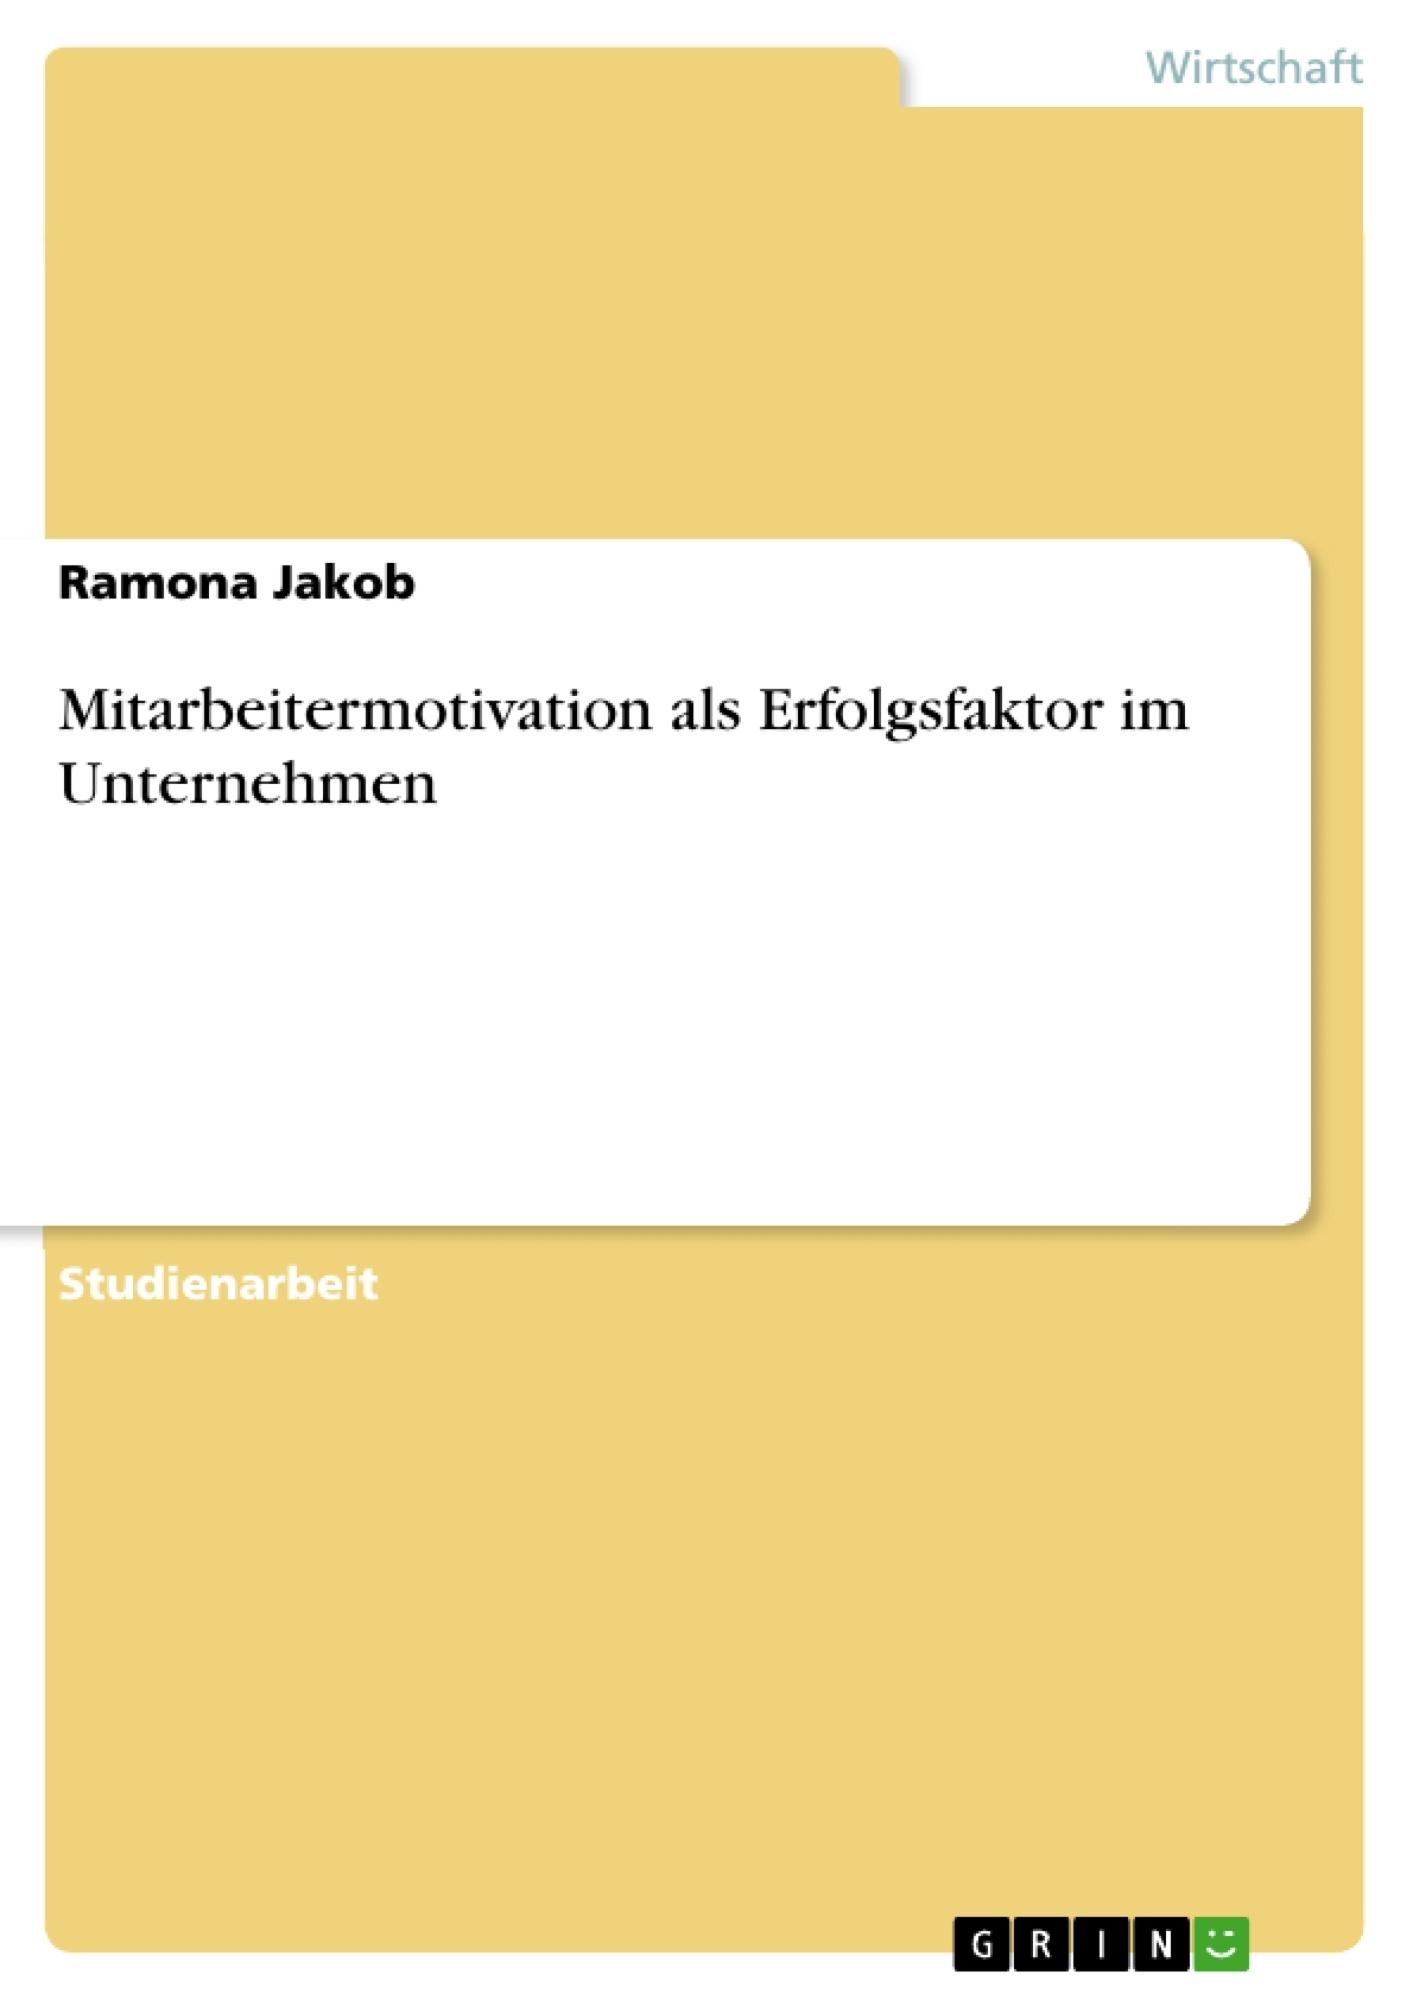 Titel: Mitarbeitermotivation als Erfolgsfaktor im Unternehmen